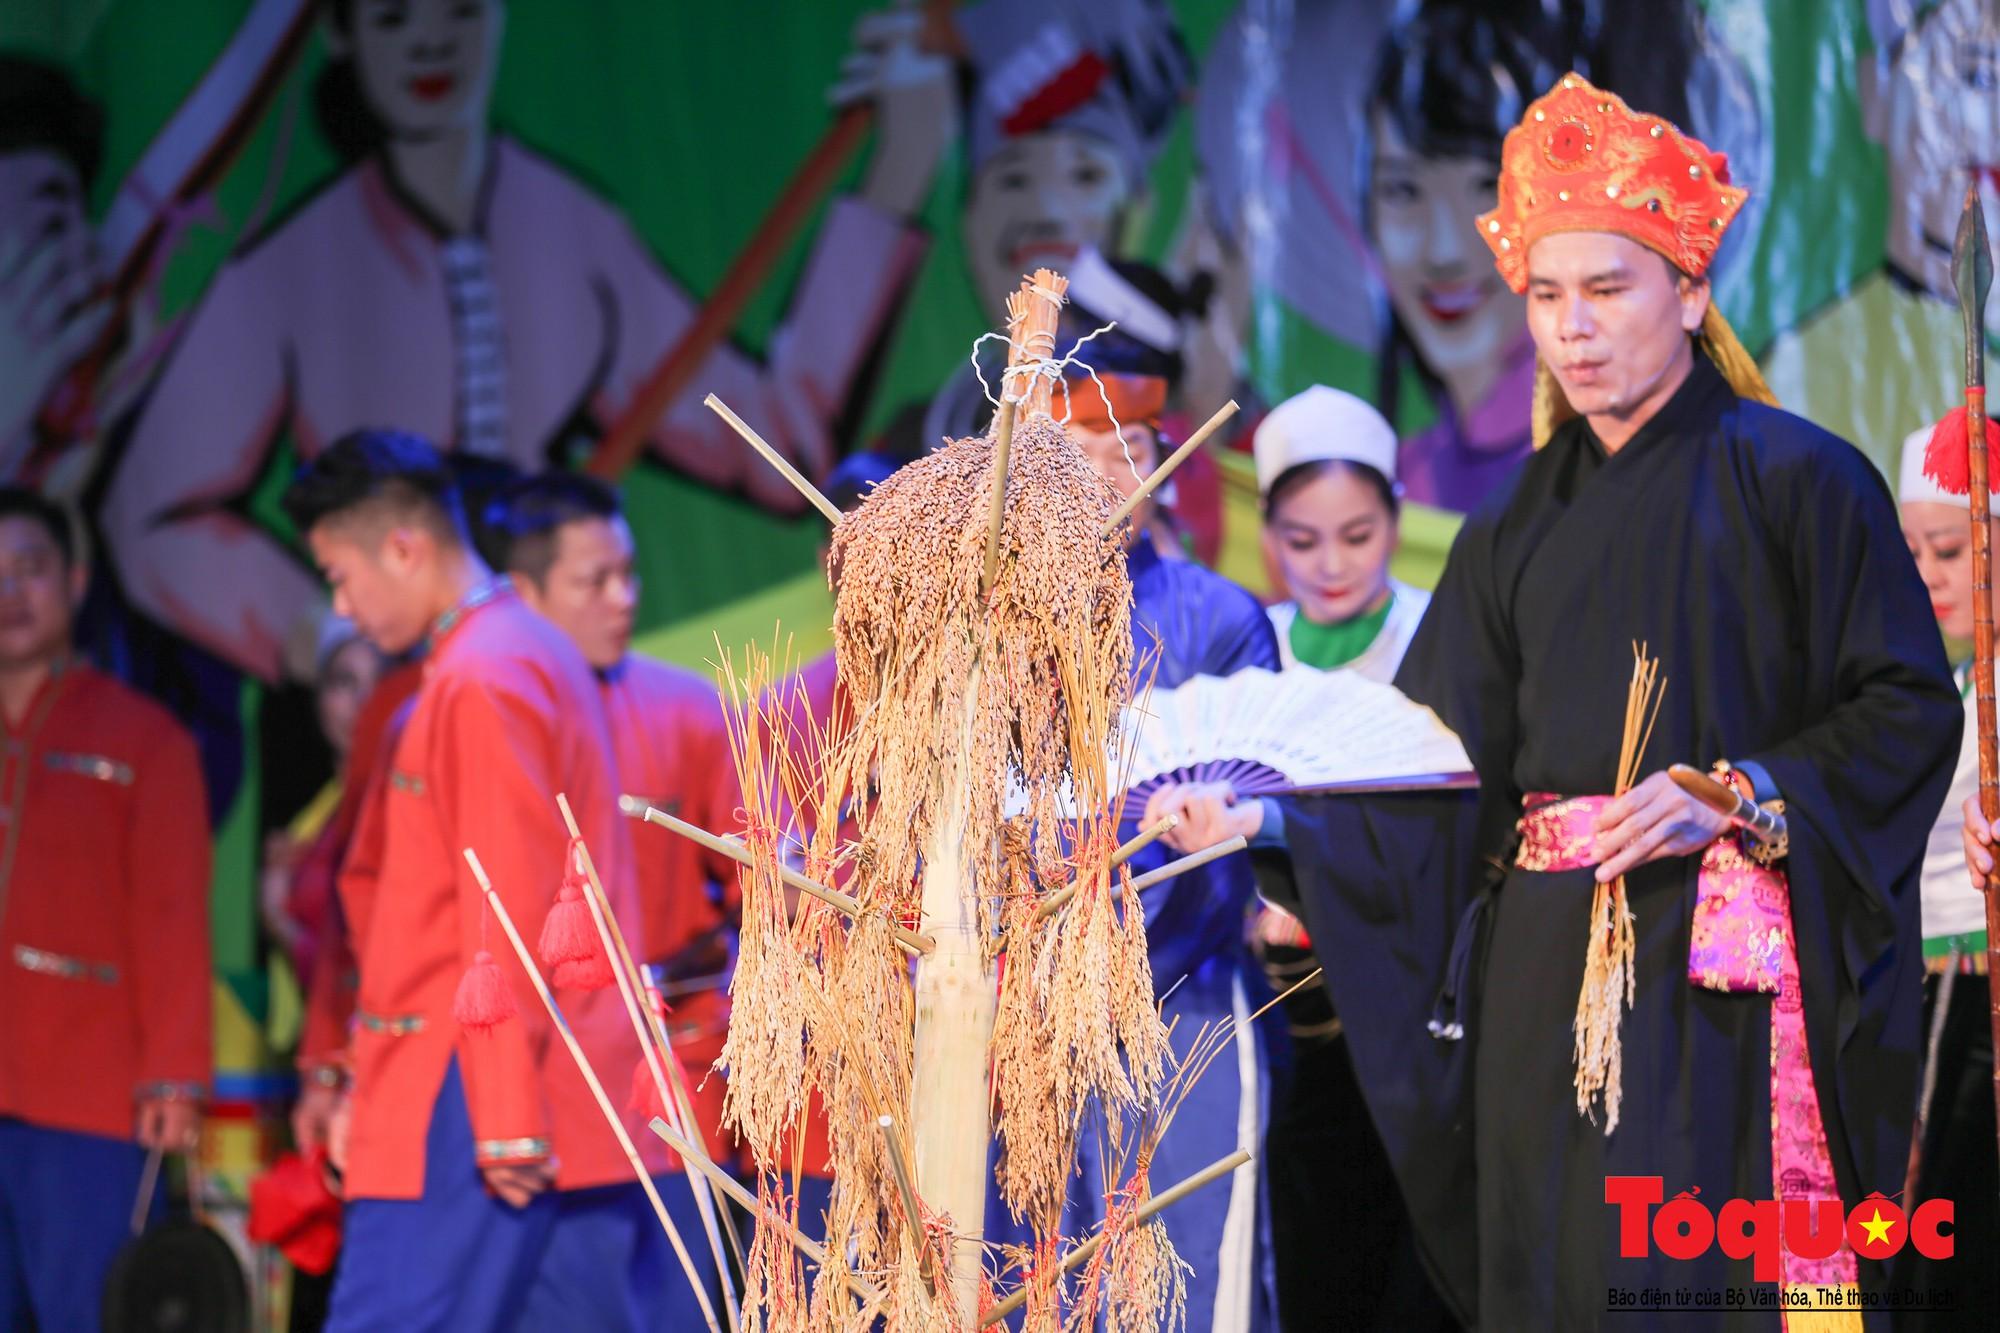 Ấn tượng Liên hoan Nghệ thuật quần chúng các dân tộc Tây Bắc (14)